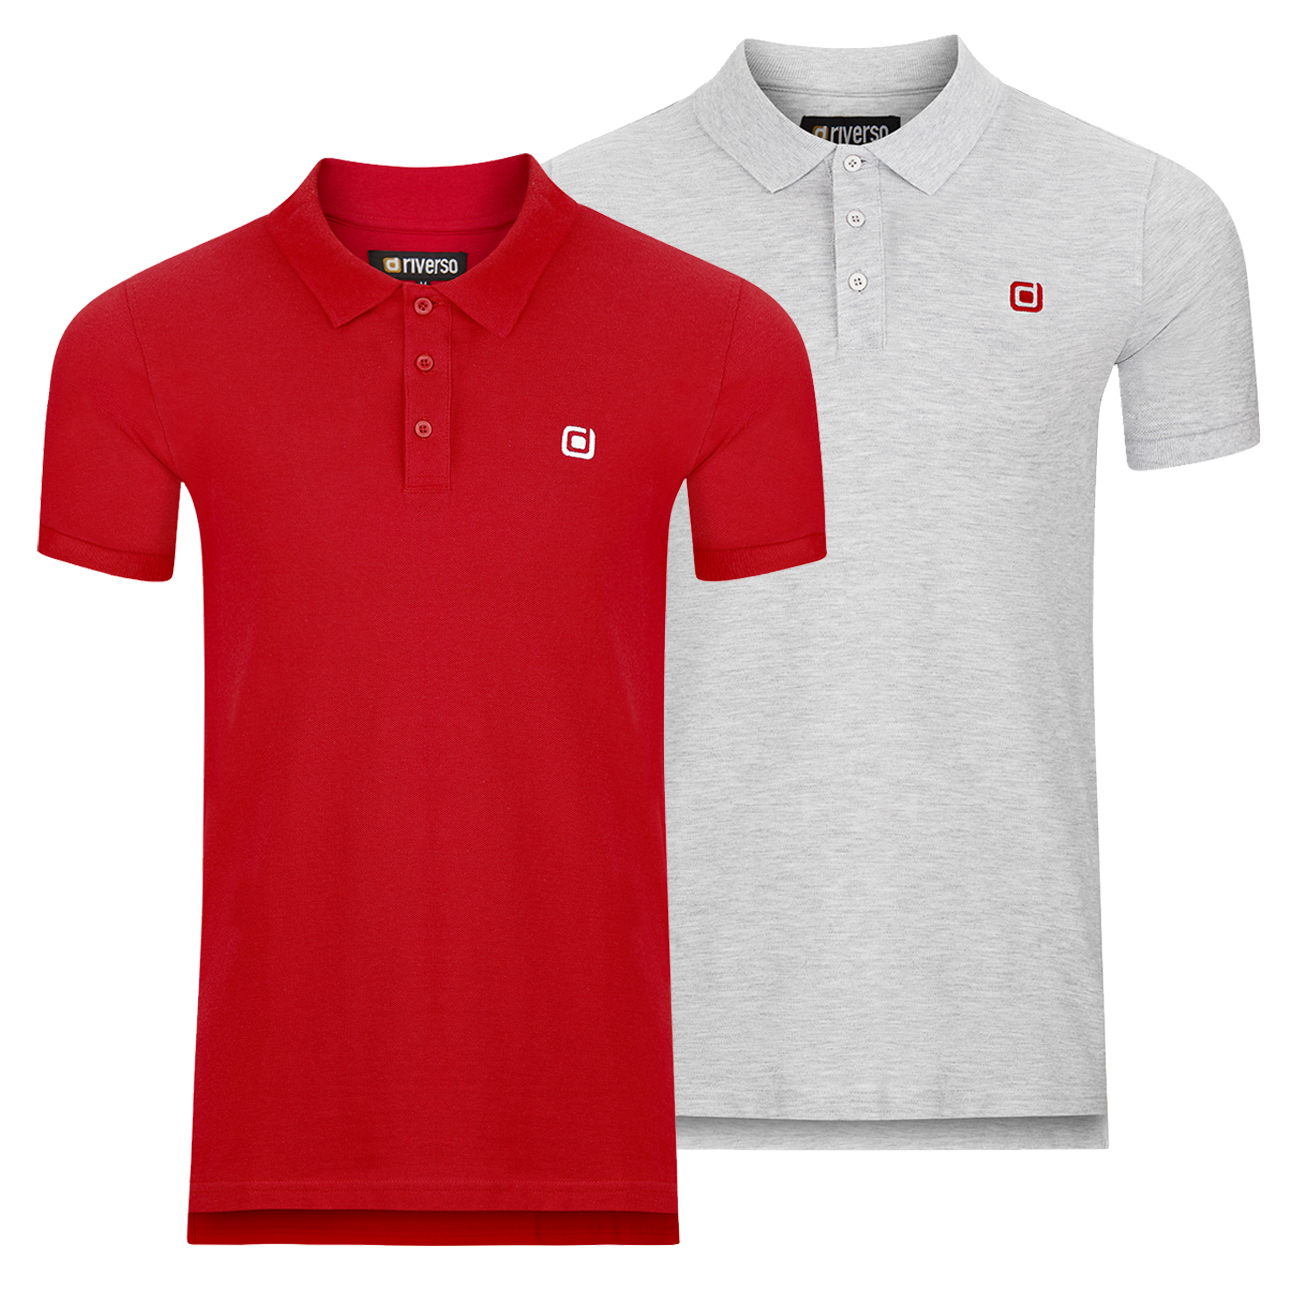 miniatura 11 - riverso Herren Poloshirt RIVJohn Basic 2er Pack Shirt Regular Polo Kragen Uni